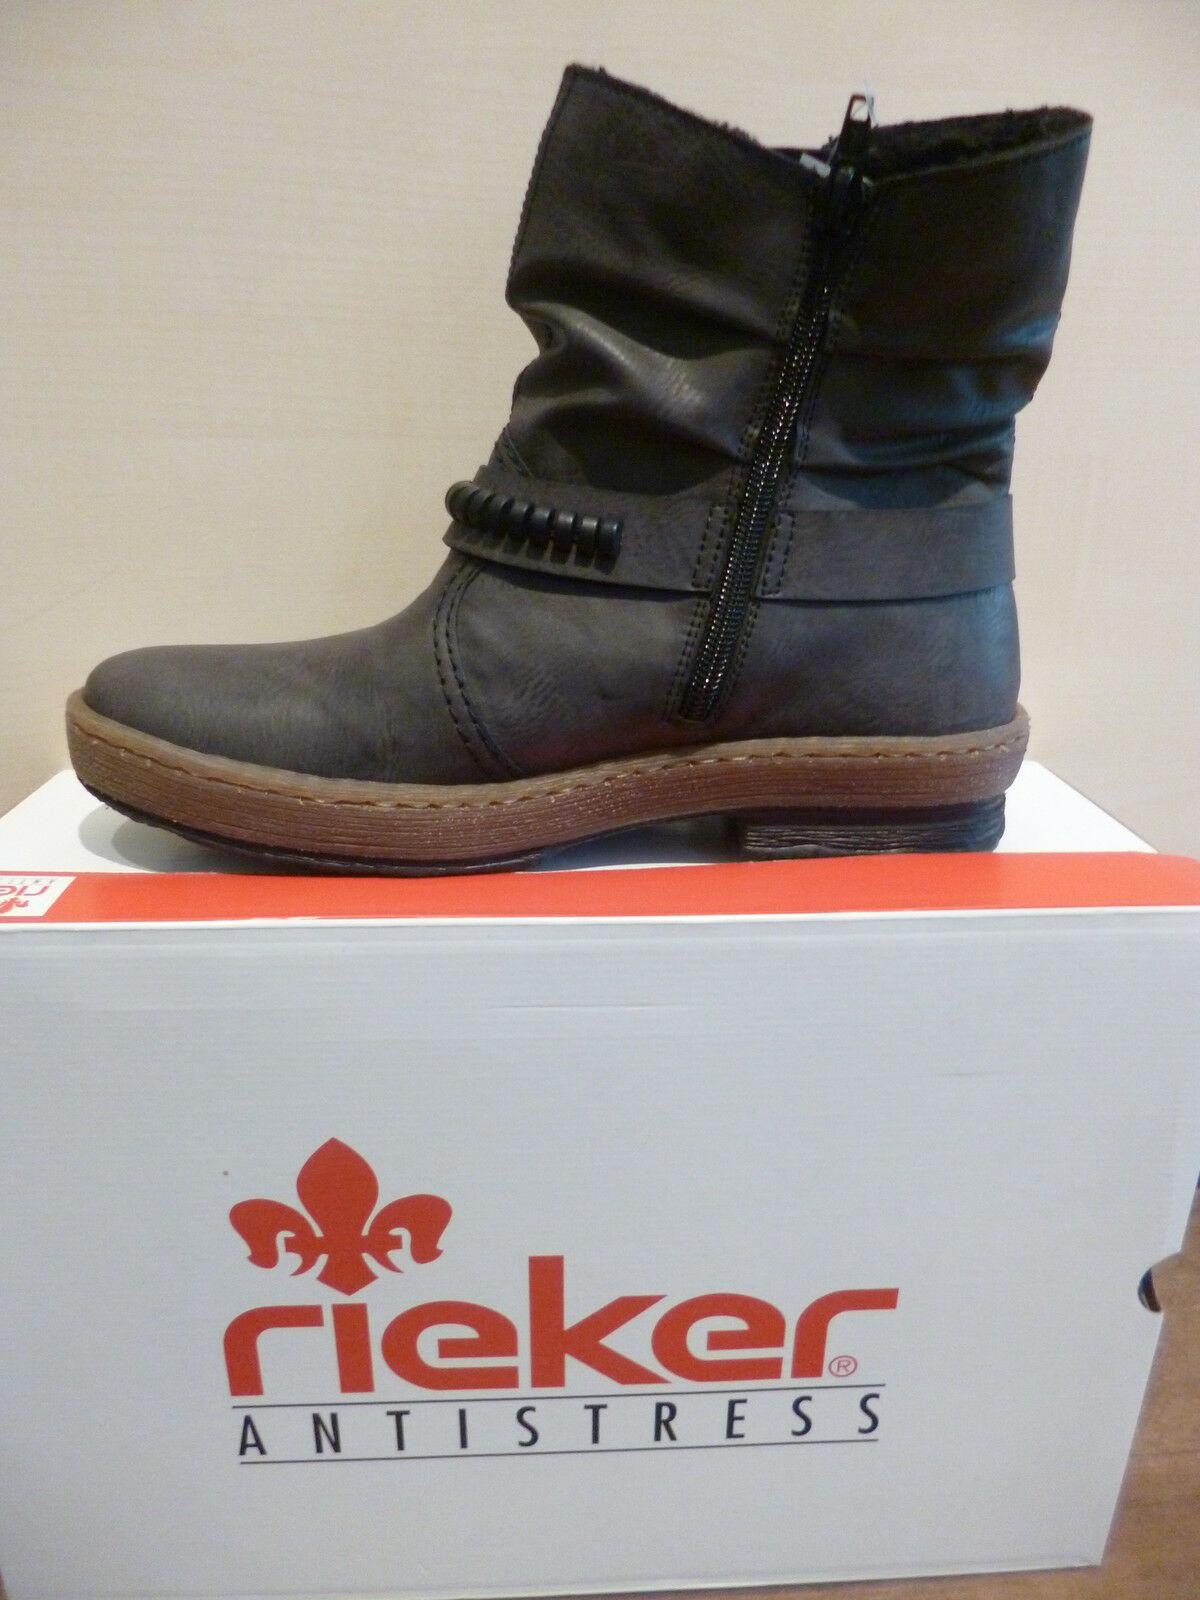 Rieker Damen Stiefel Stiefeletten Boots Winterstiefel grau Warmfutter Z6762 NEU